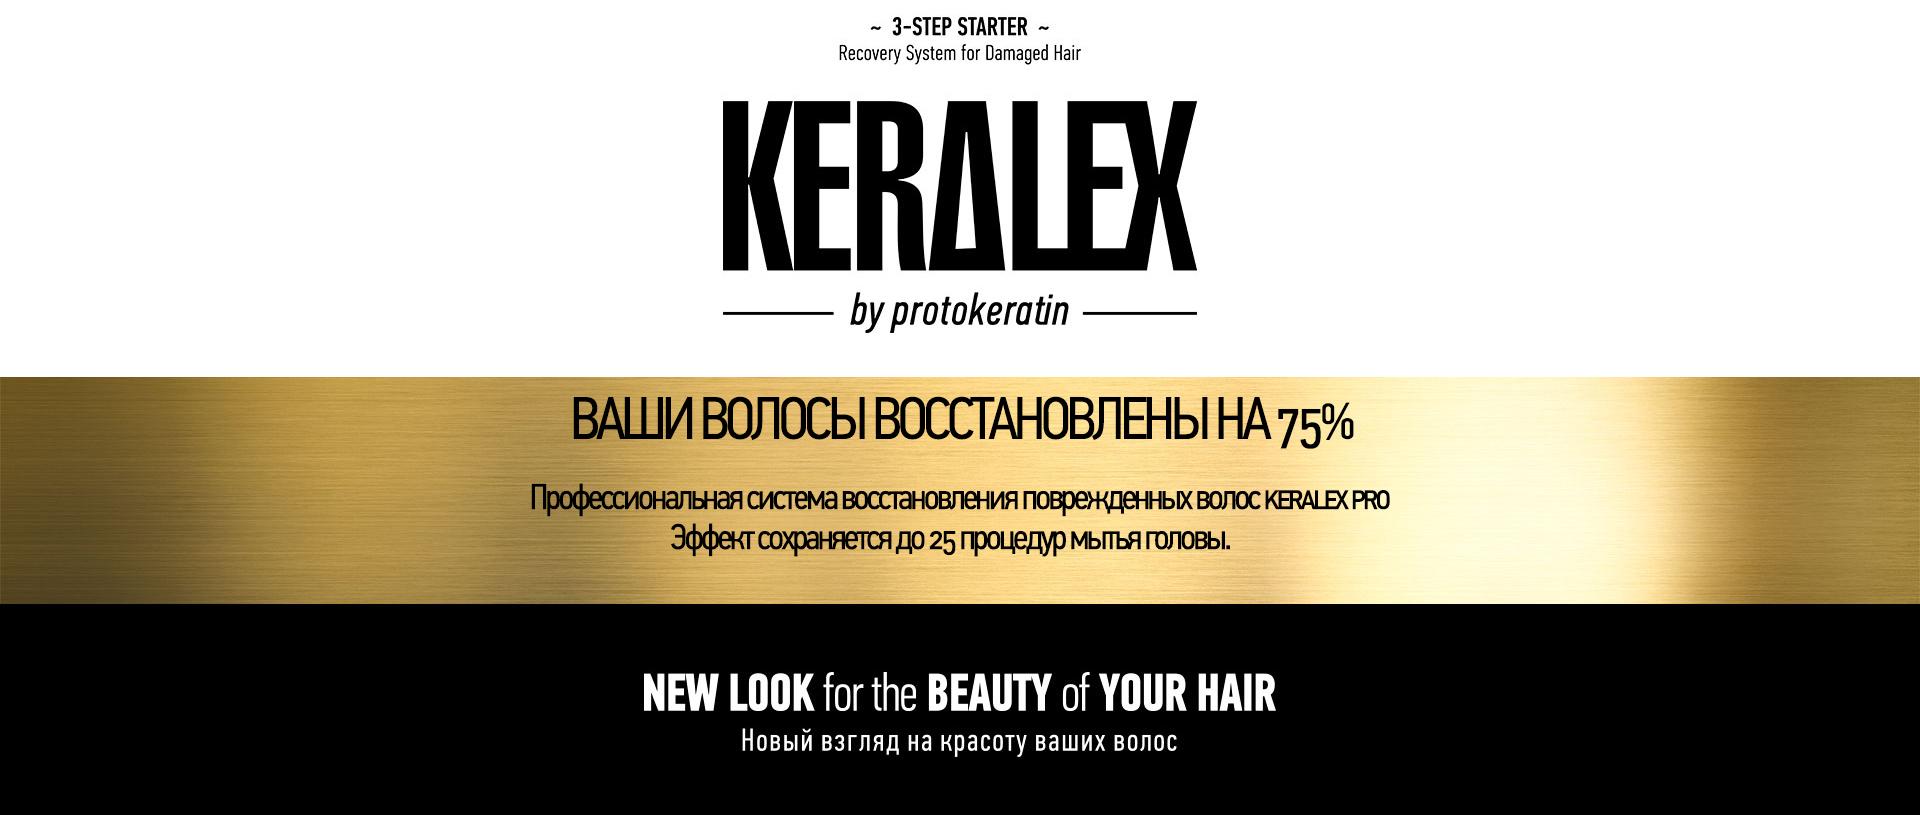 Салонная процедура восстановления волос KERALEX